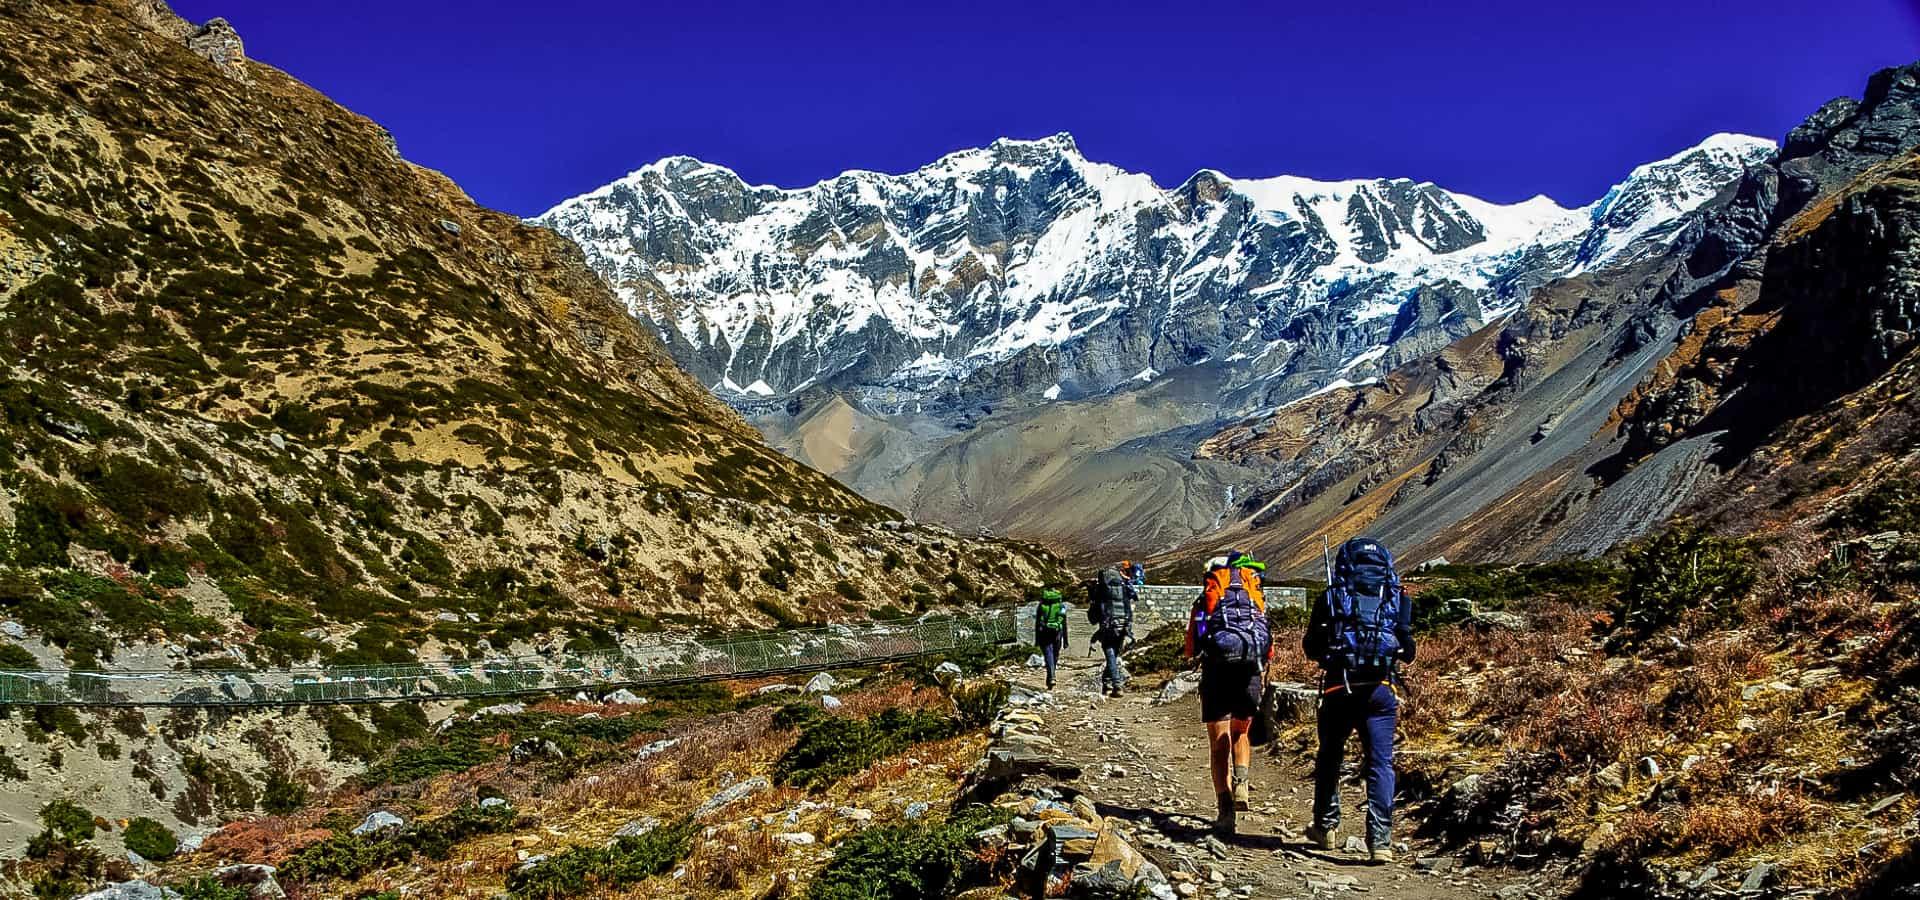 Chulu Peak Climbing in Nepal